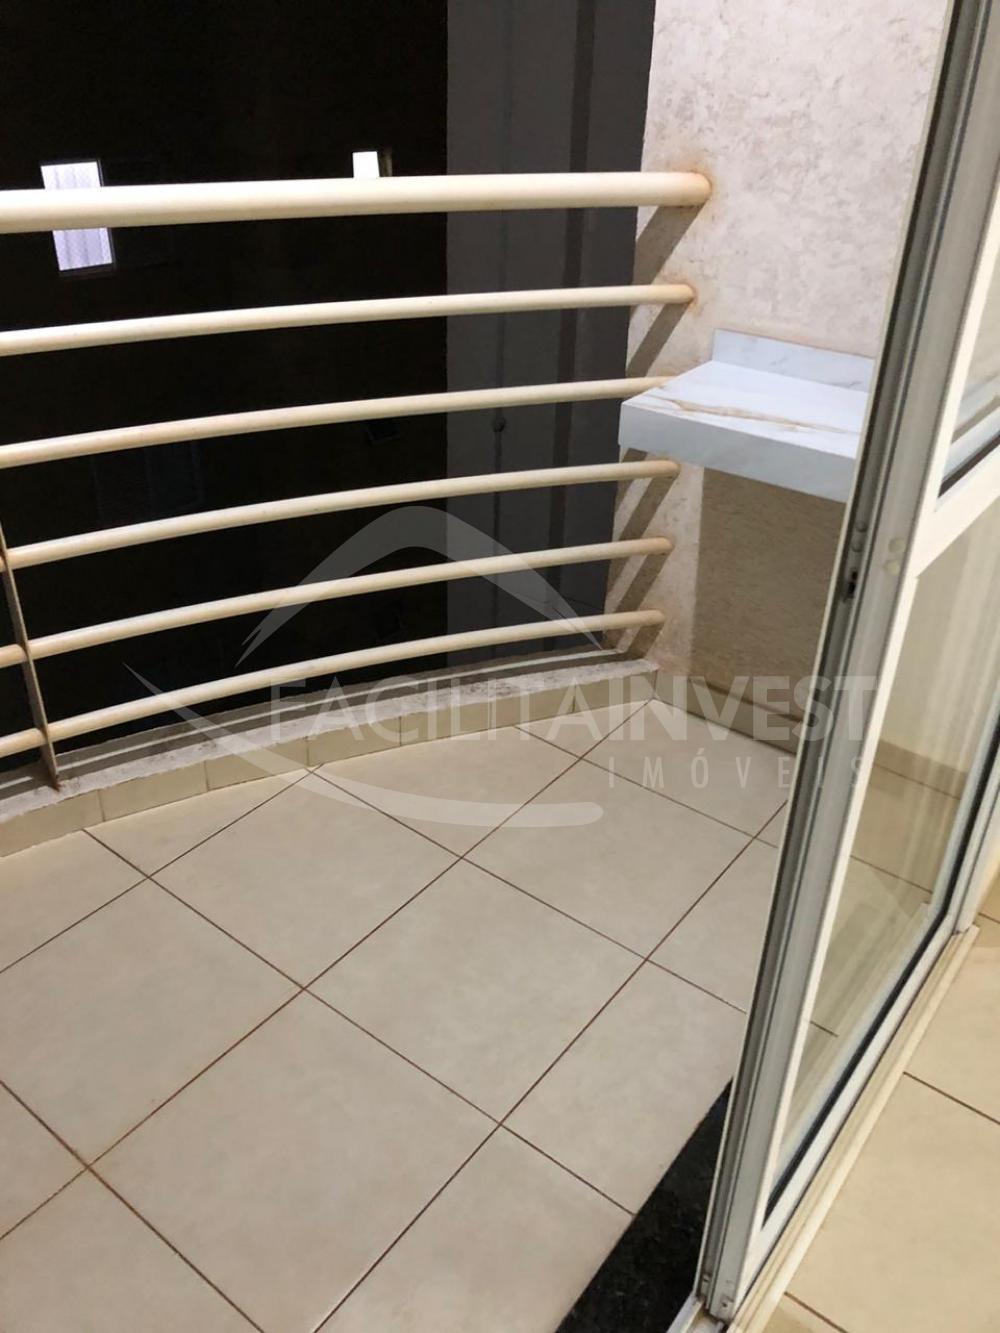 Comprar Apartamentos / Apart. Padrão em Ribeirão Preto apenas R$ 350.000,00 - Foto 2